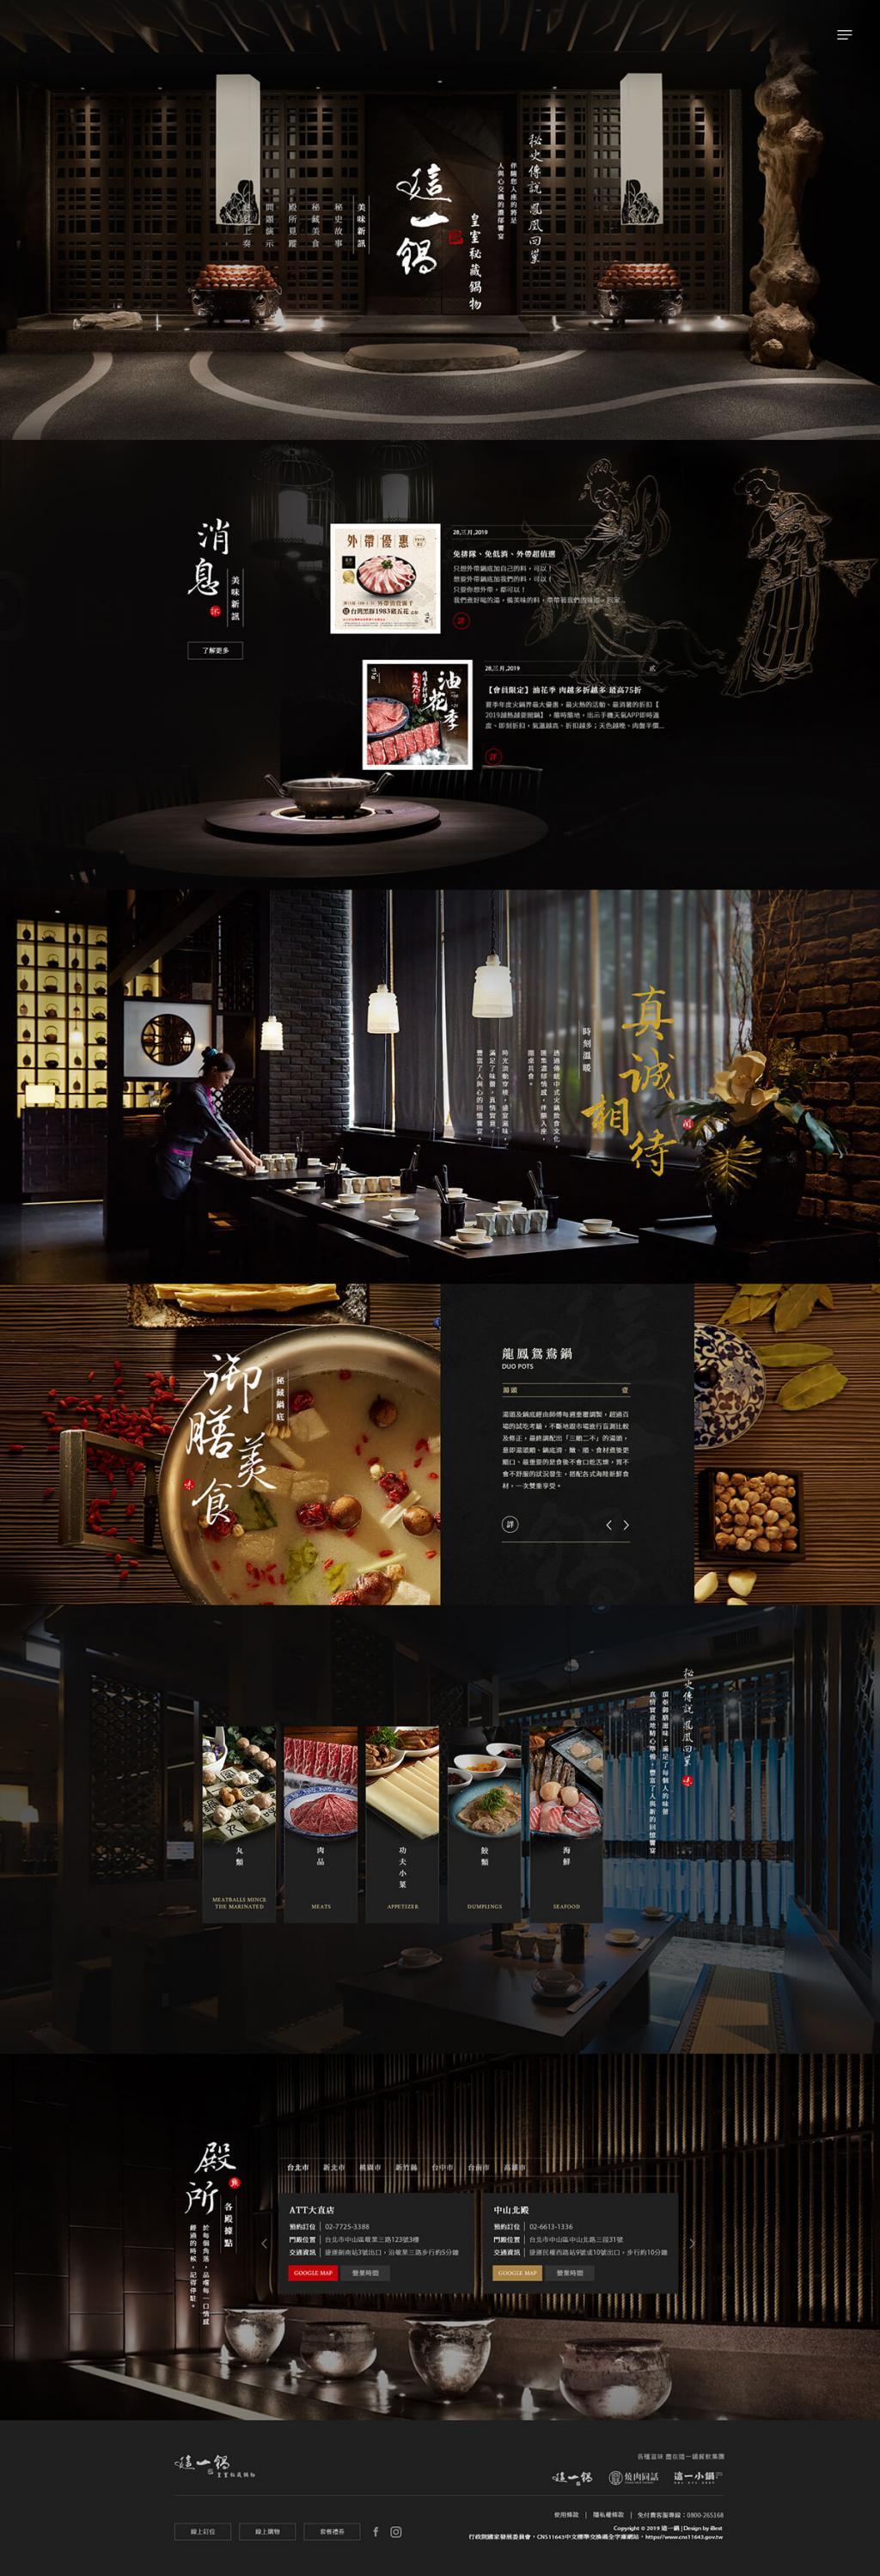 這一鍋皇室秘藏鍋物-網頁設計